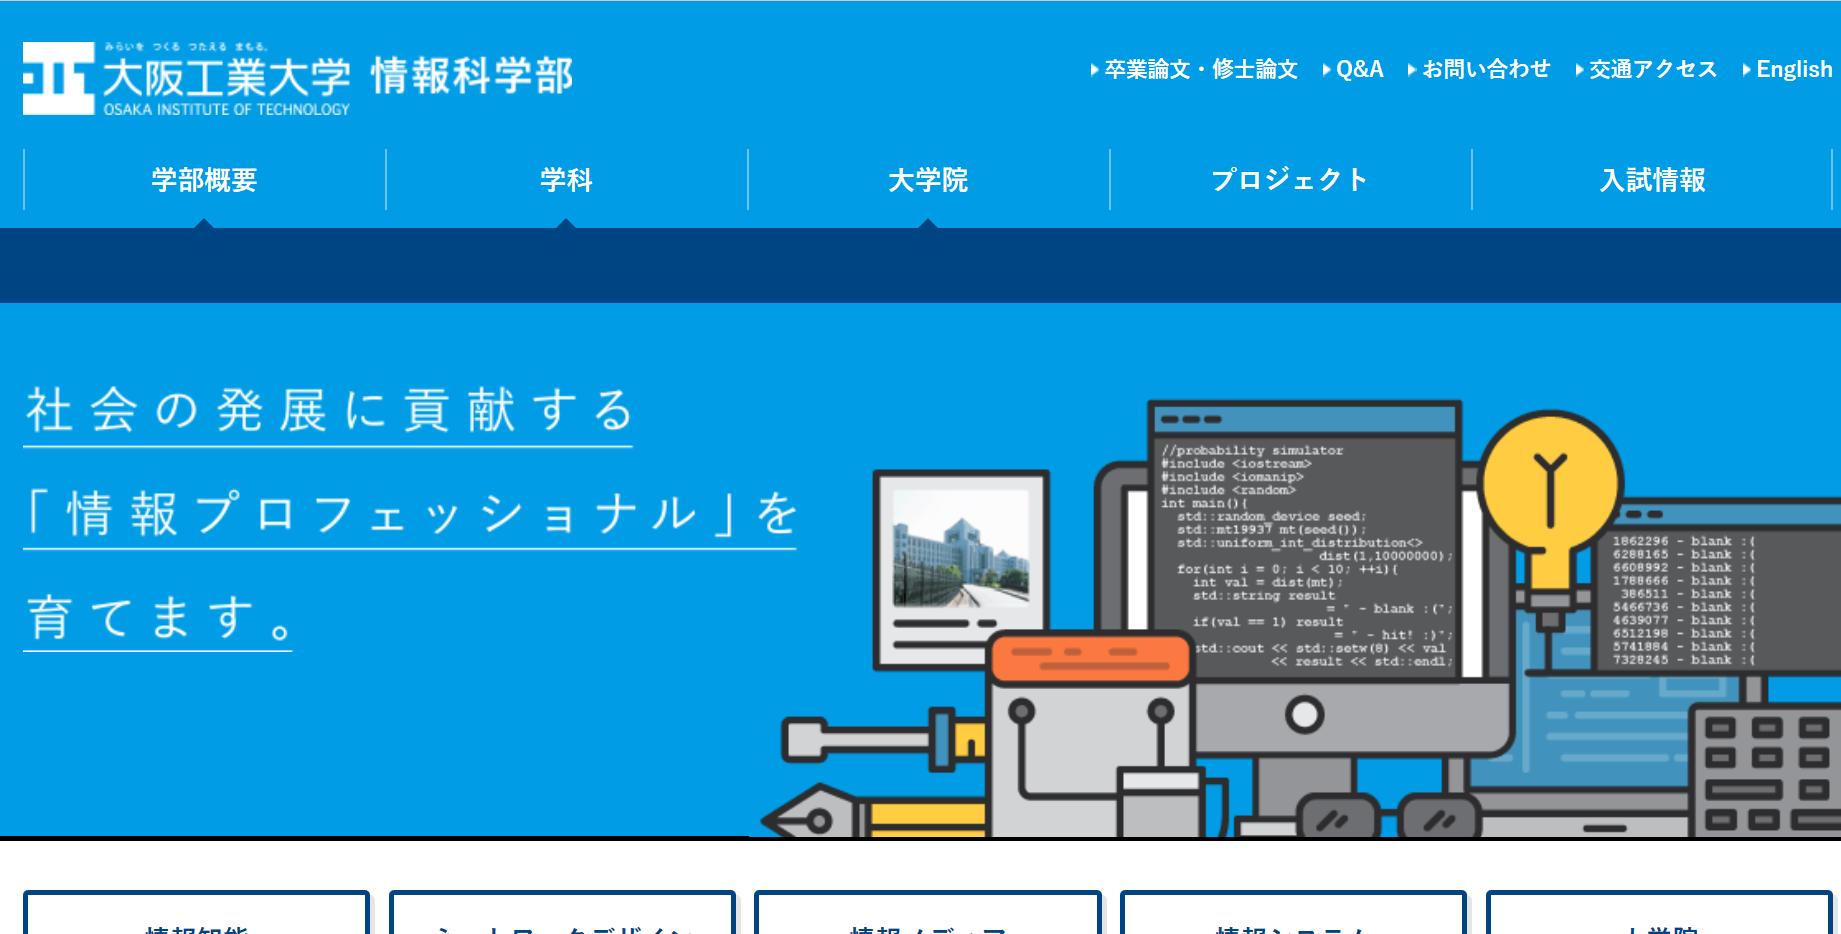 大阪工業大学の評判・口コミ【情報科学部編】